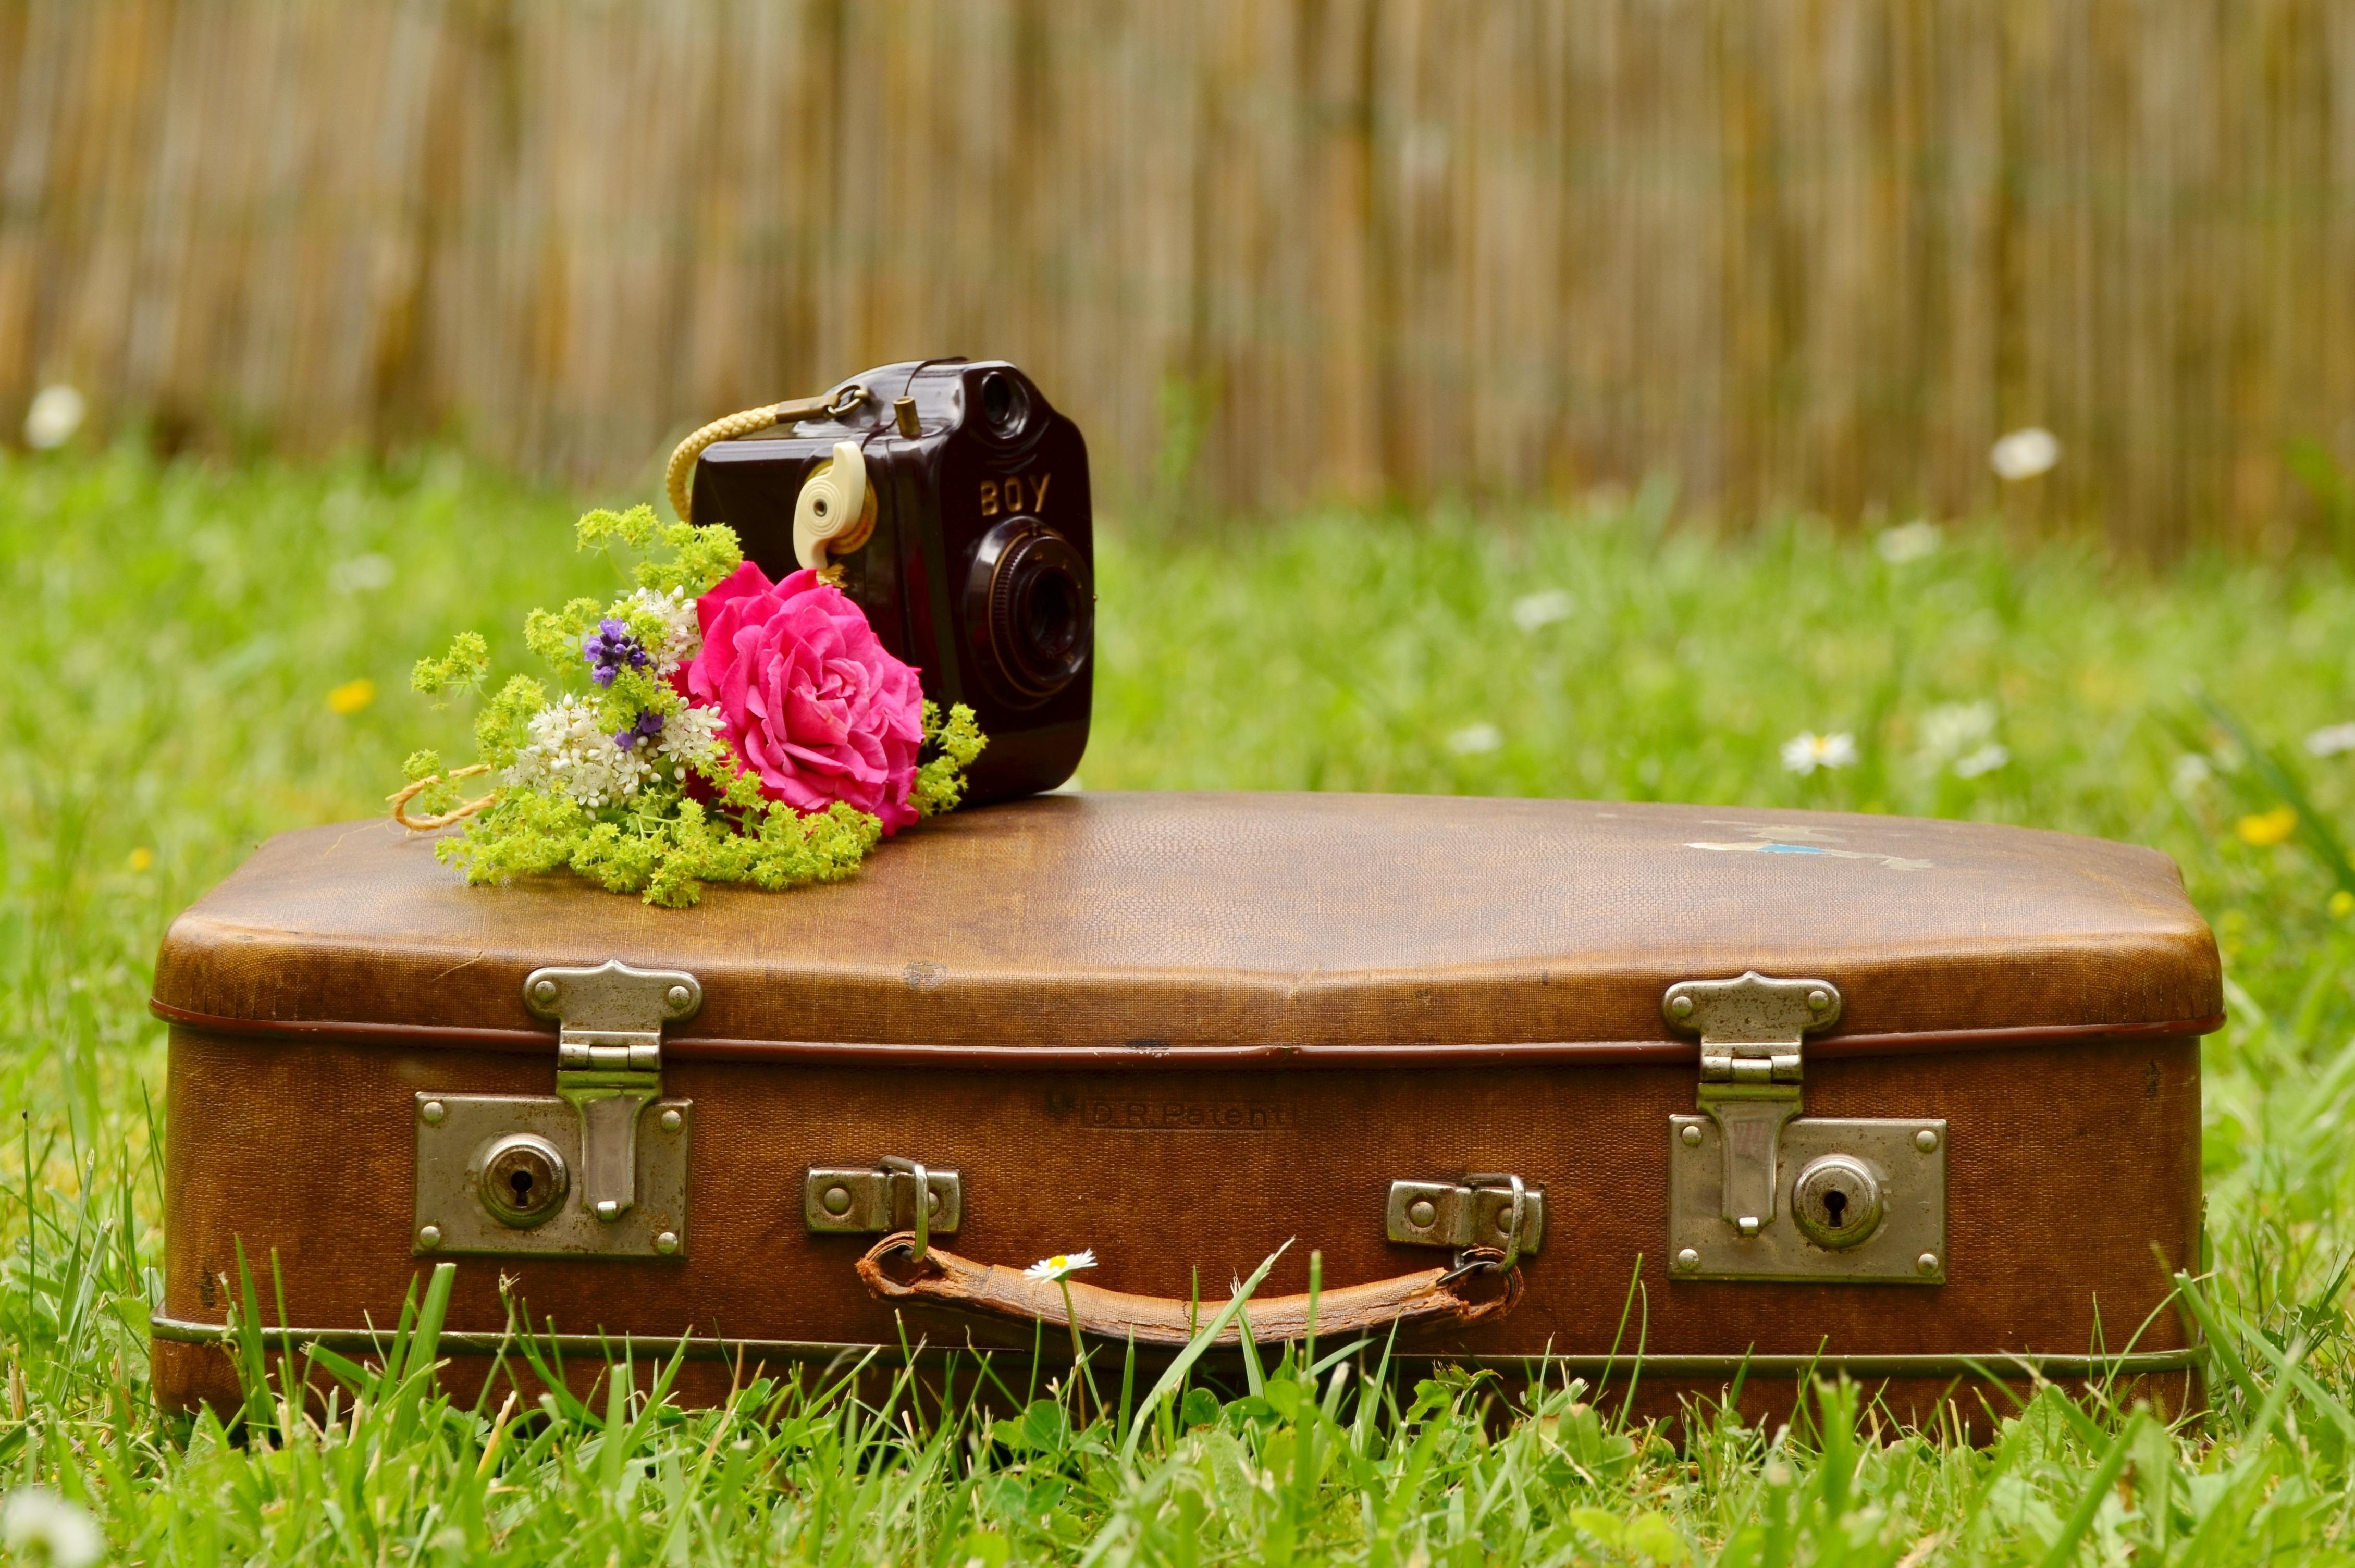 чему картинка уже на чемоданах стиле лофт